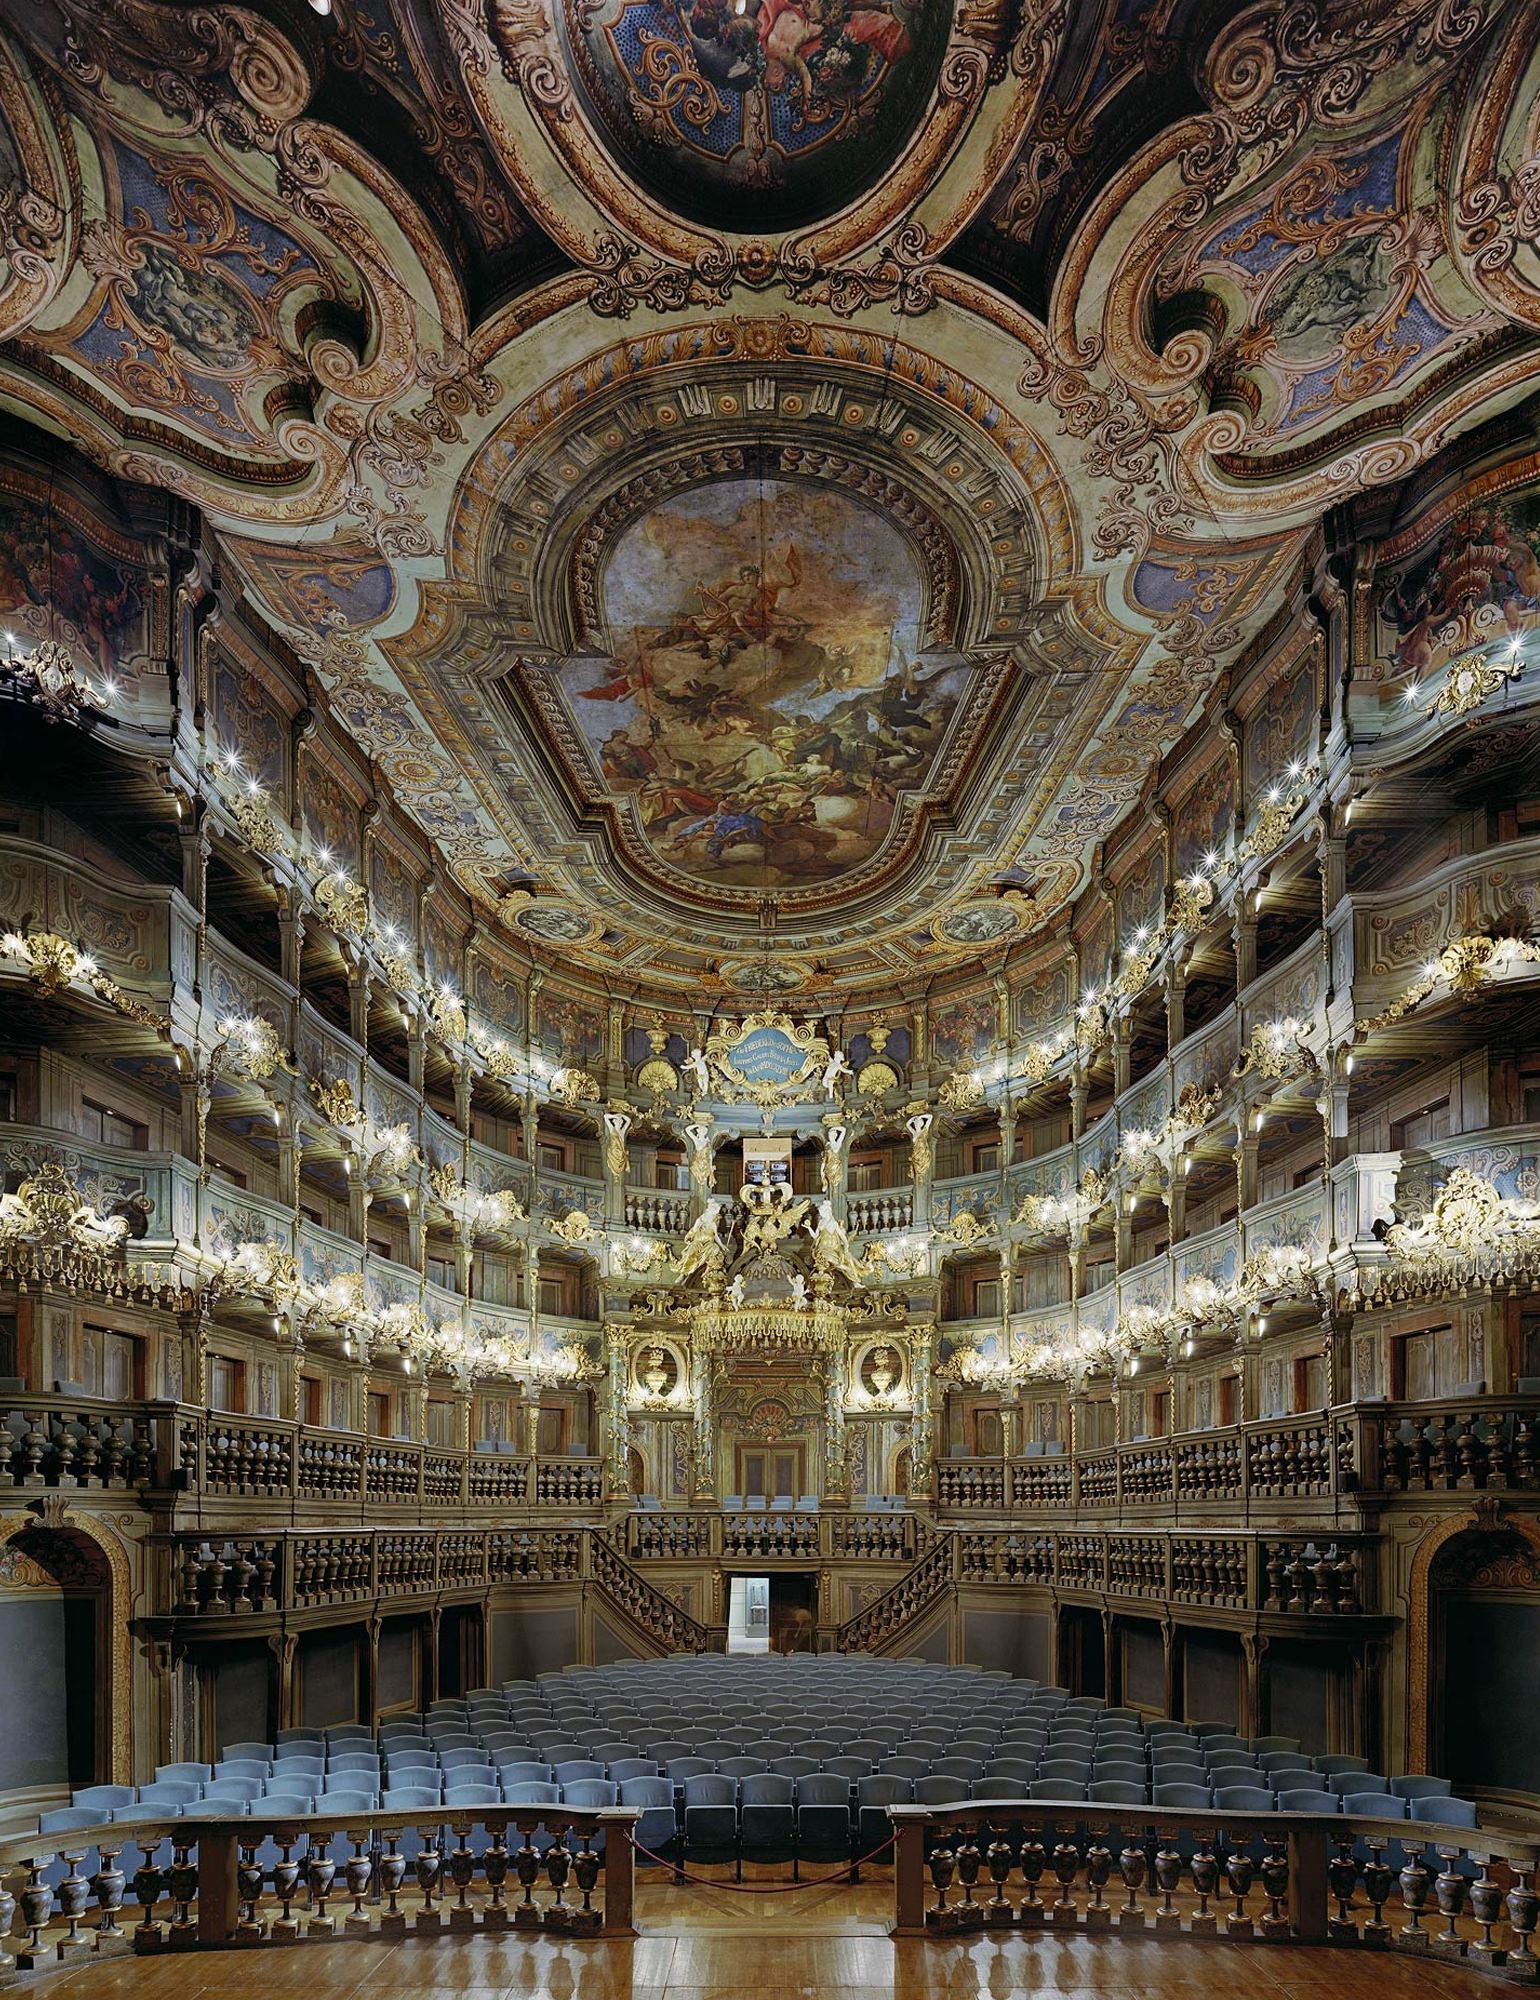 Opera Markgrafliches Opernhaus Bayreuth Allemagne 2008